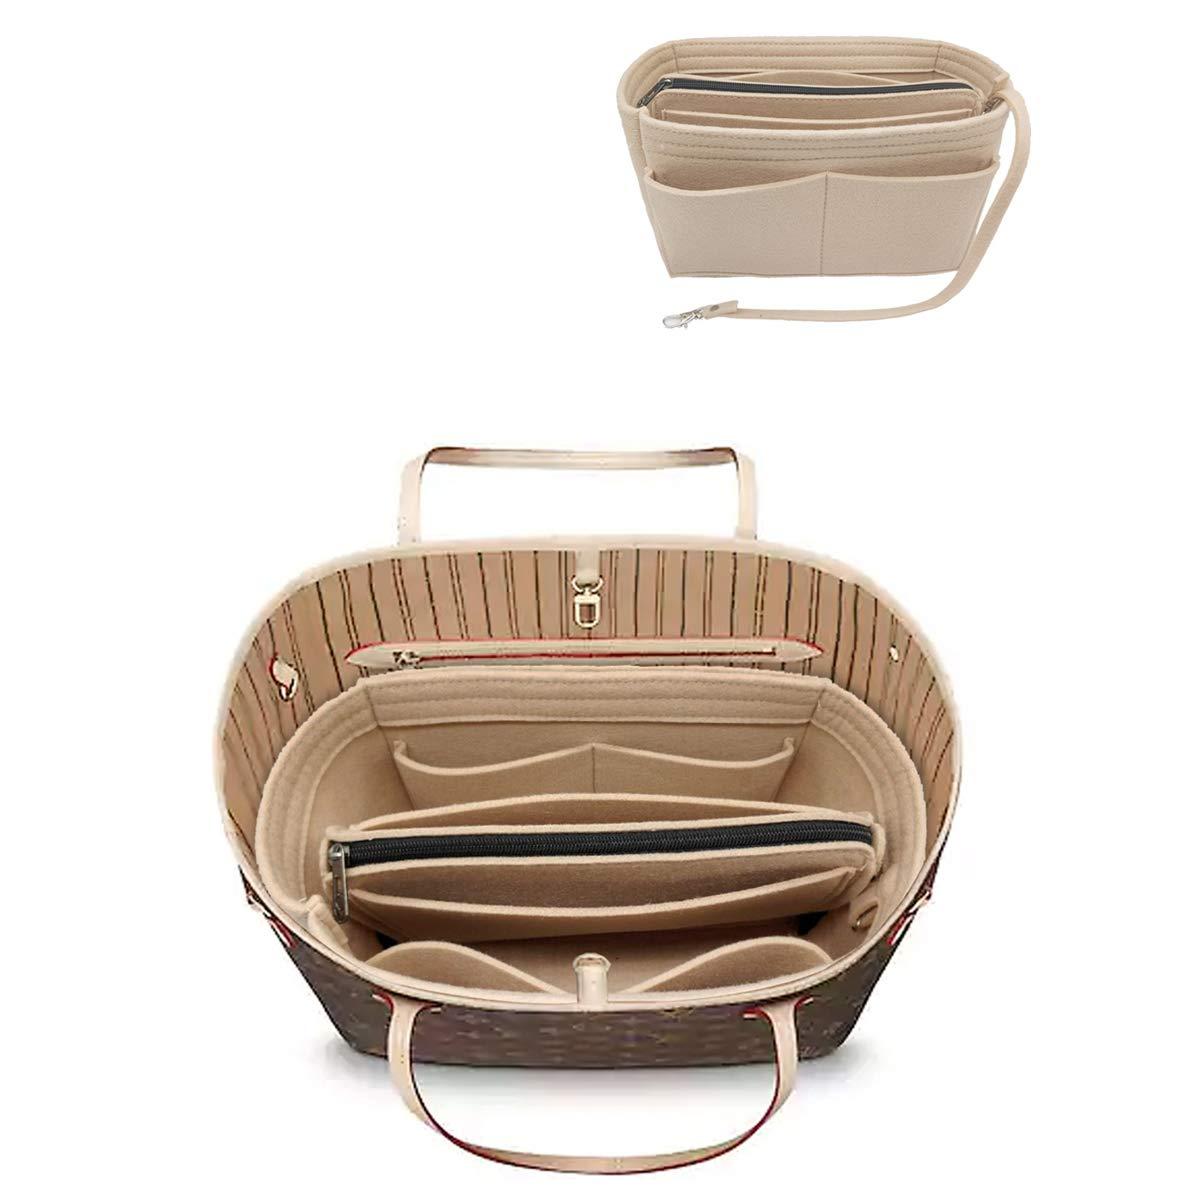 LEXSION Felt Purse Insert Handbag Organizer Bag in Bag Organizer with Handles Holder 8021 Beige M by LEXSION